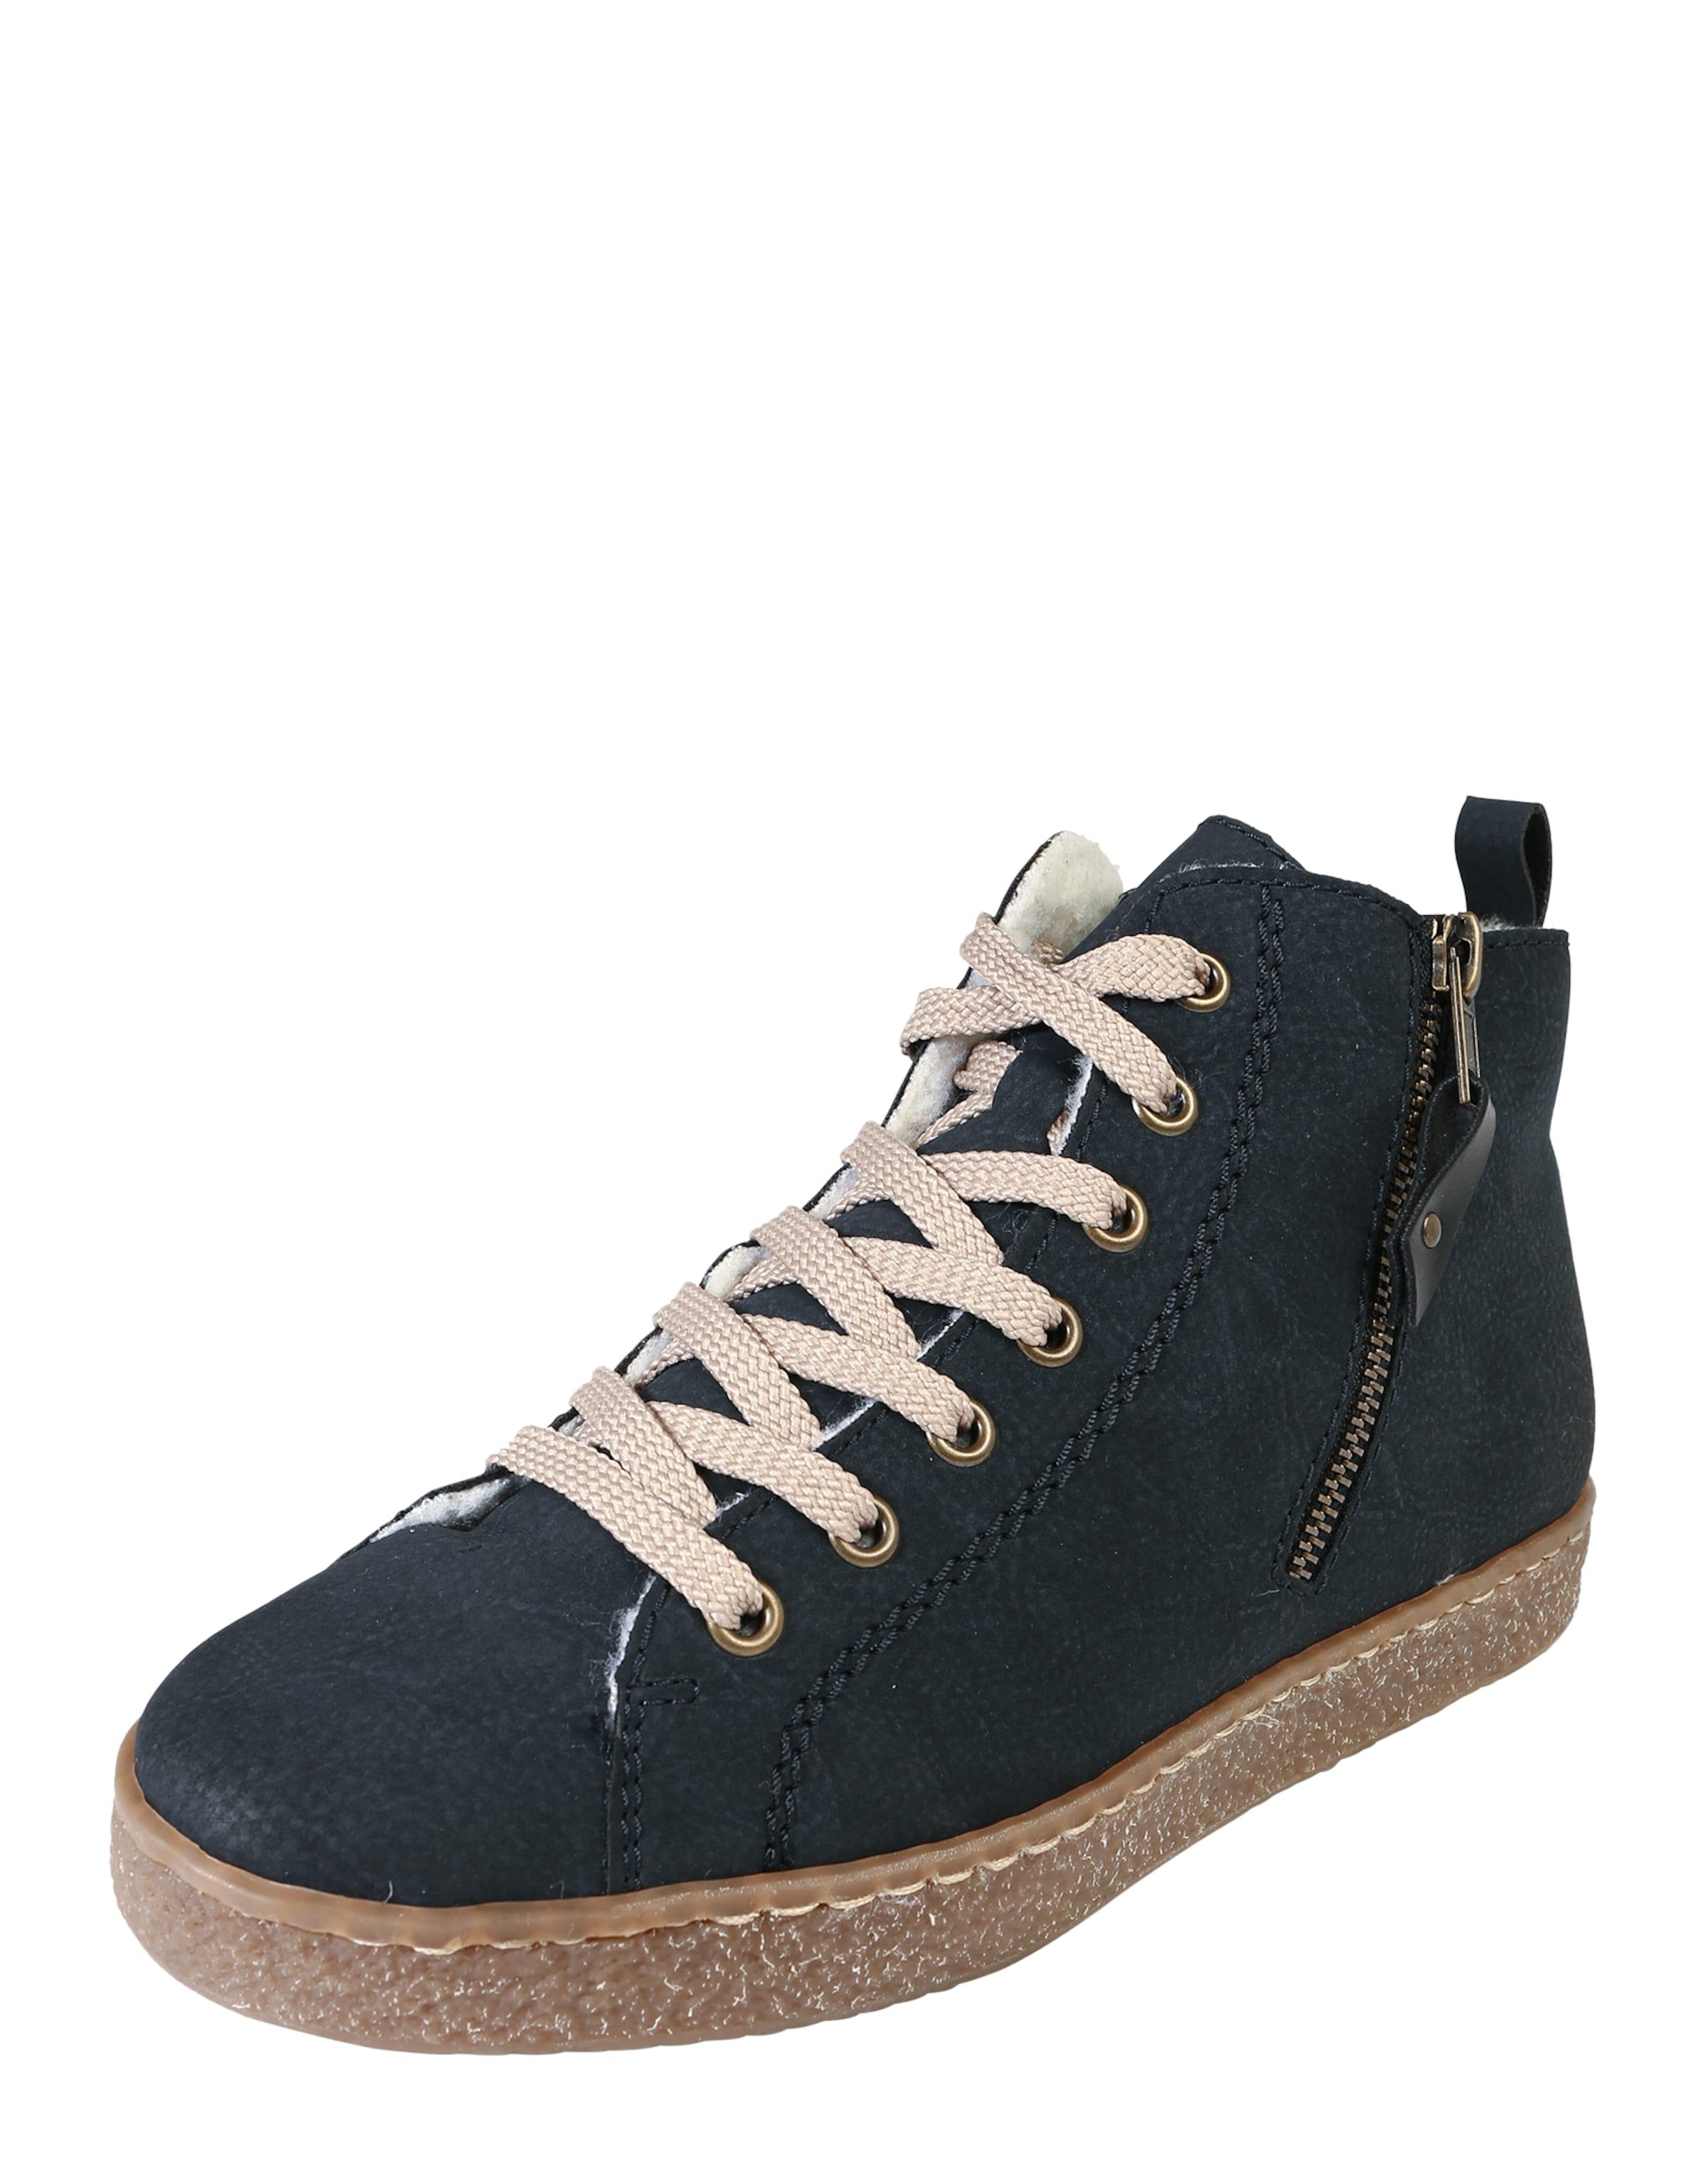 In In Sneaker In Rieker Rieker Nachtblau Sneaker Nachtblau Rieker Sneaker m8wNOnv0